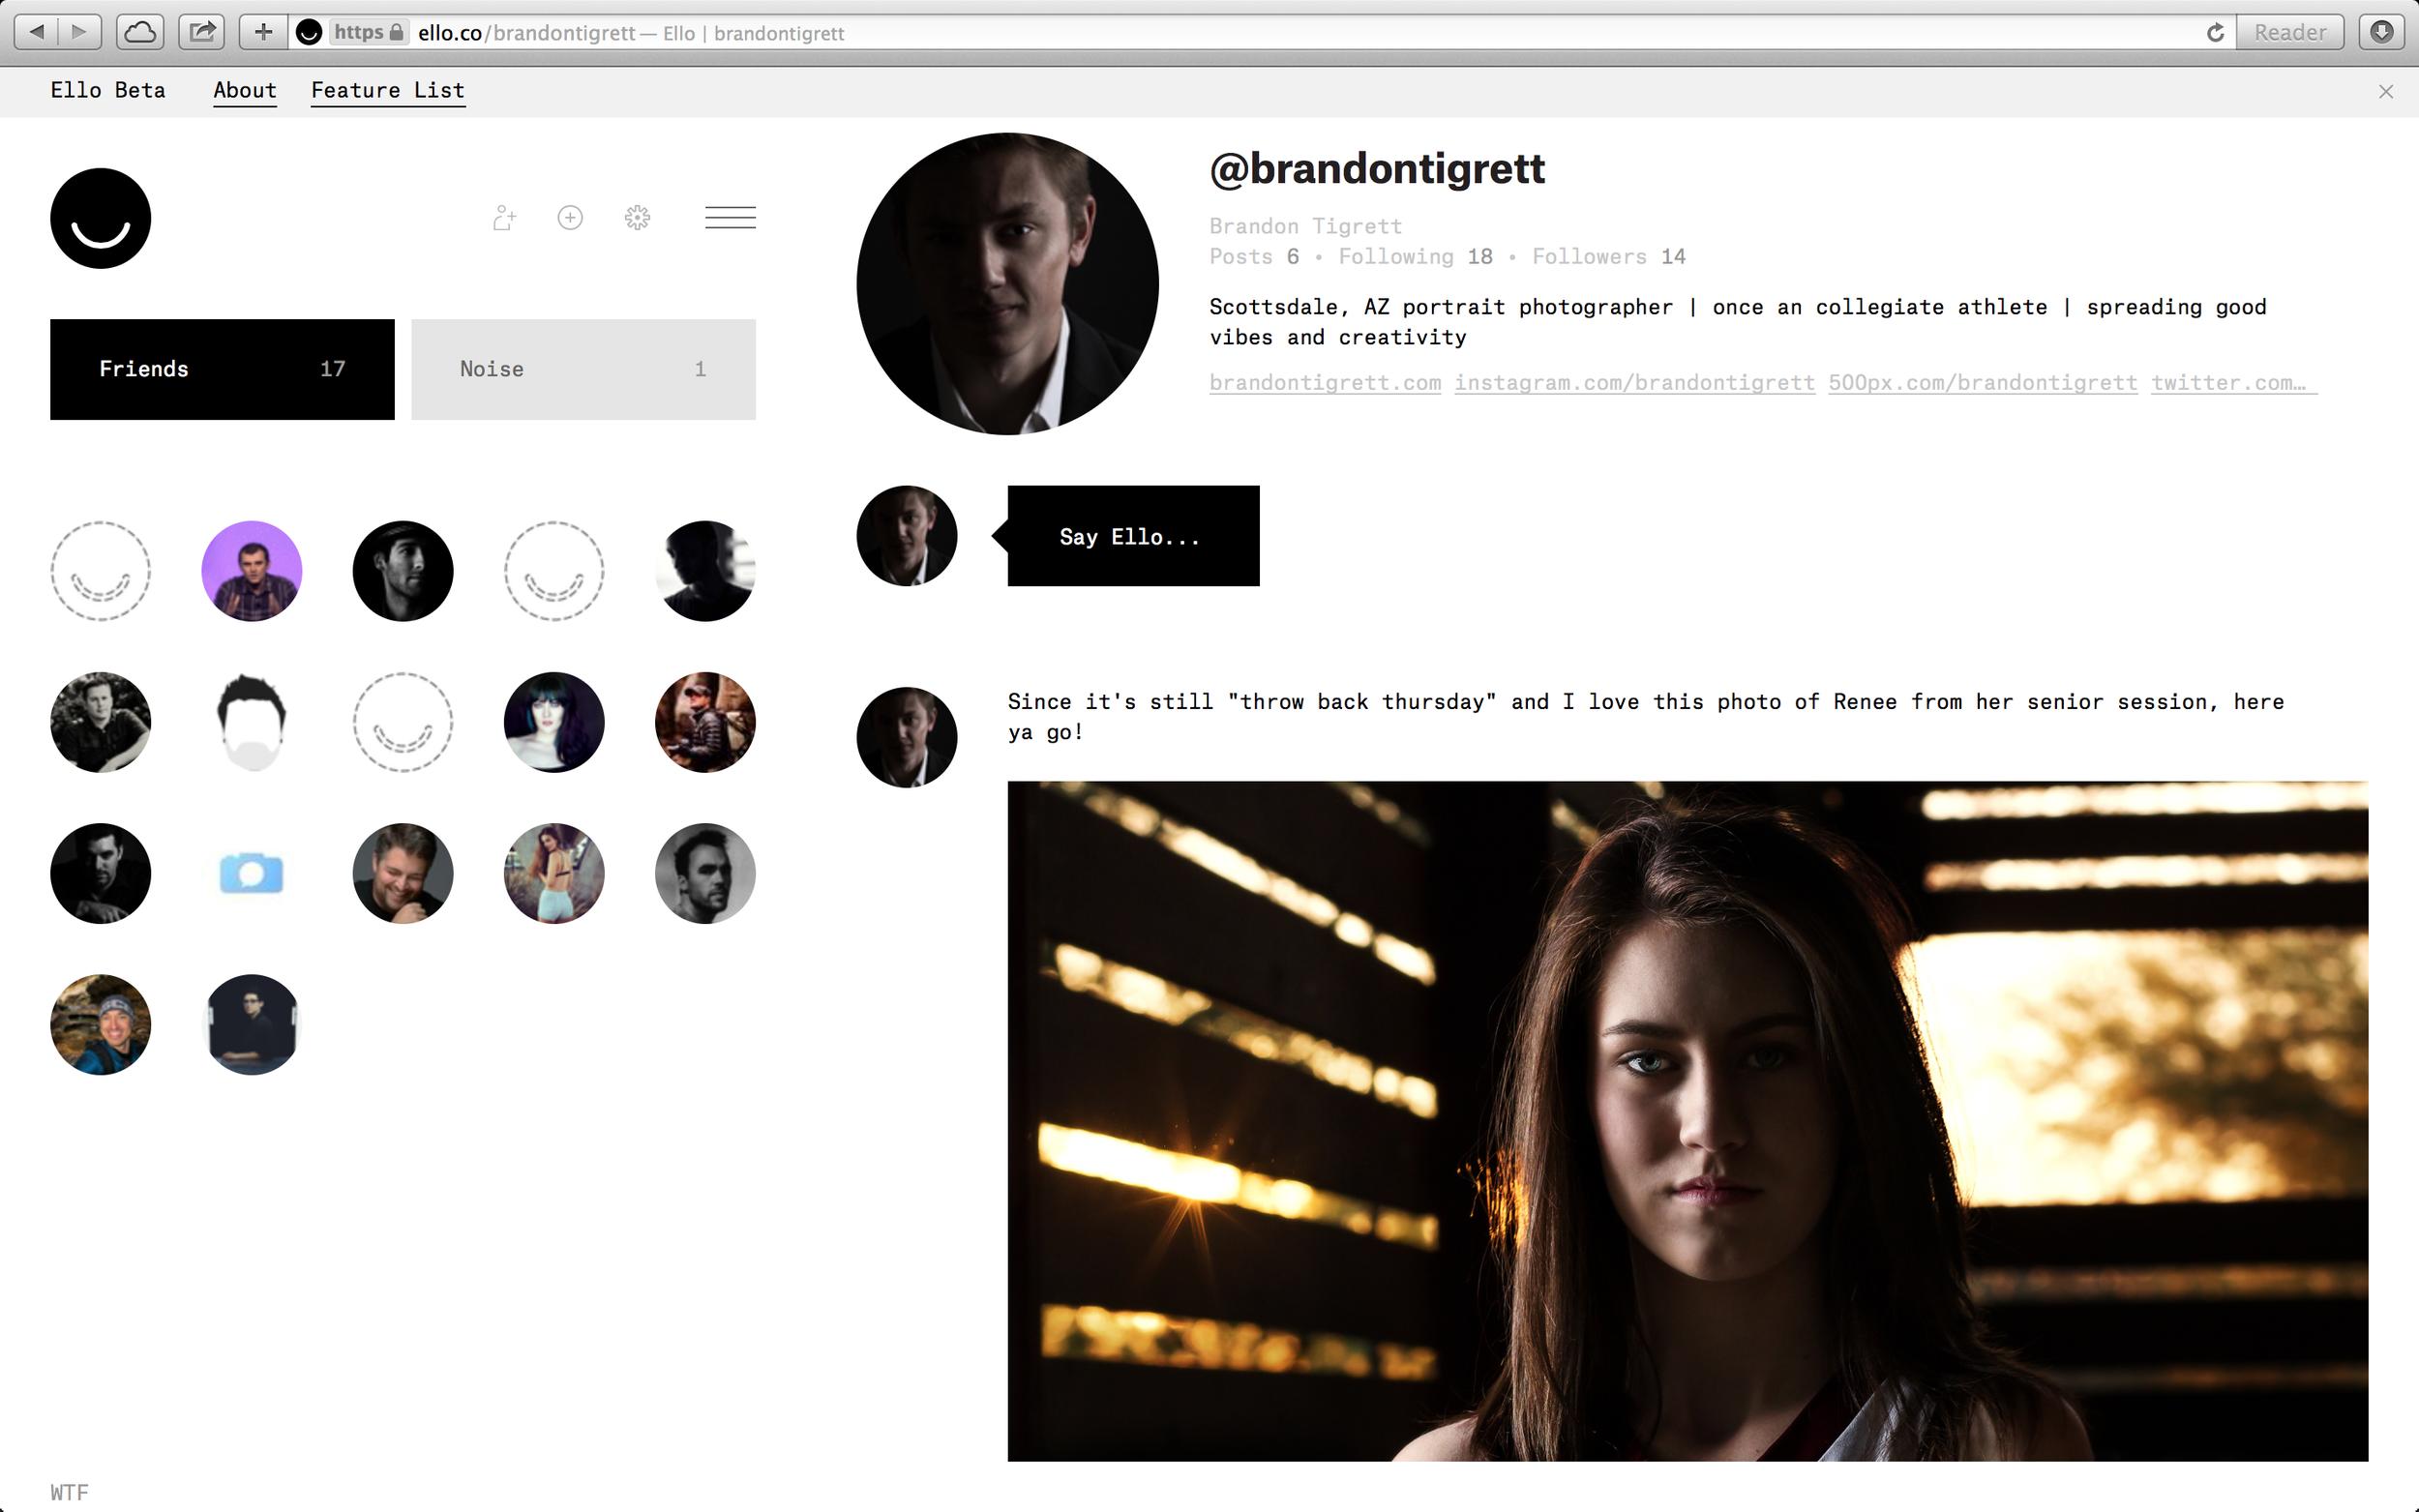 Ello Profile Page